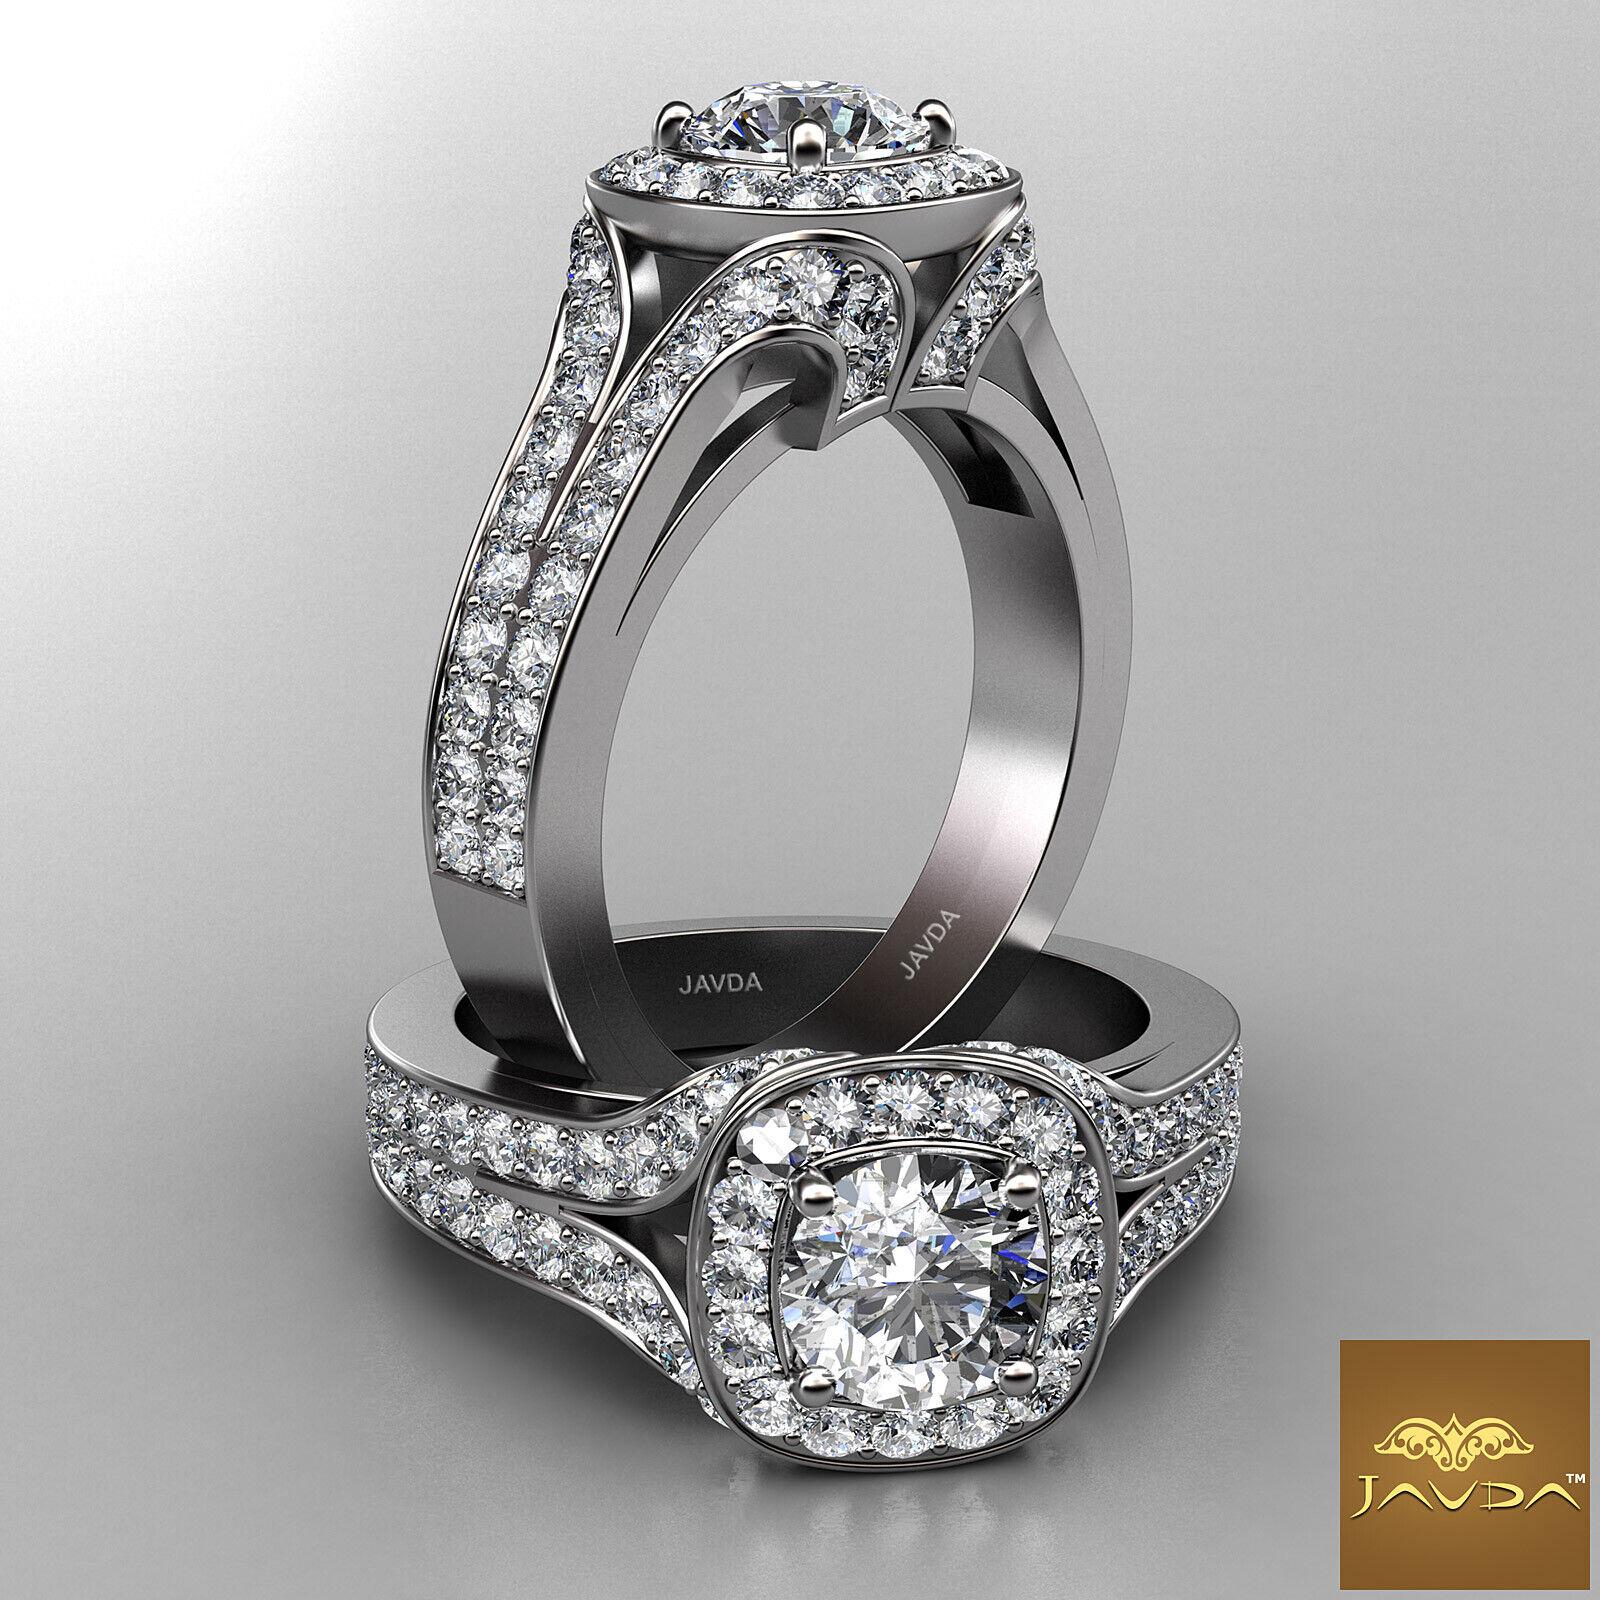 2ctw Antique Style Round Diamond Engagement Ring GIA E-VVS2 White Gold Women New